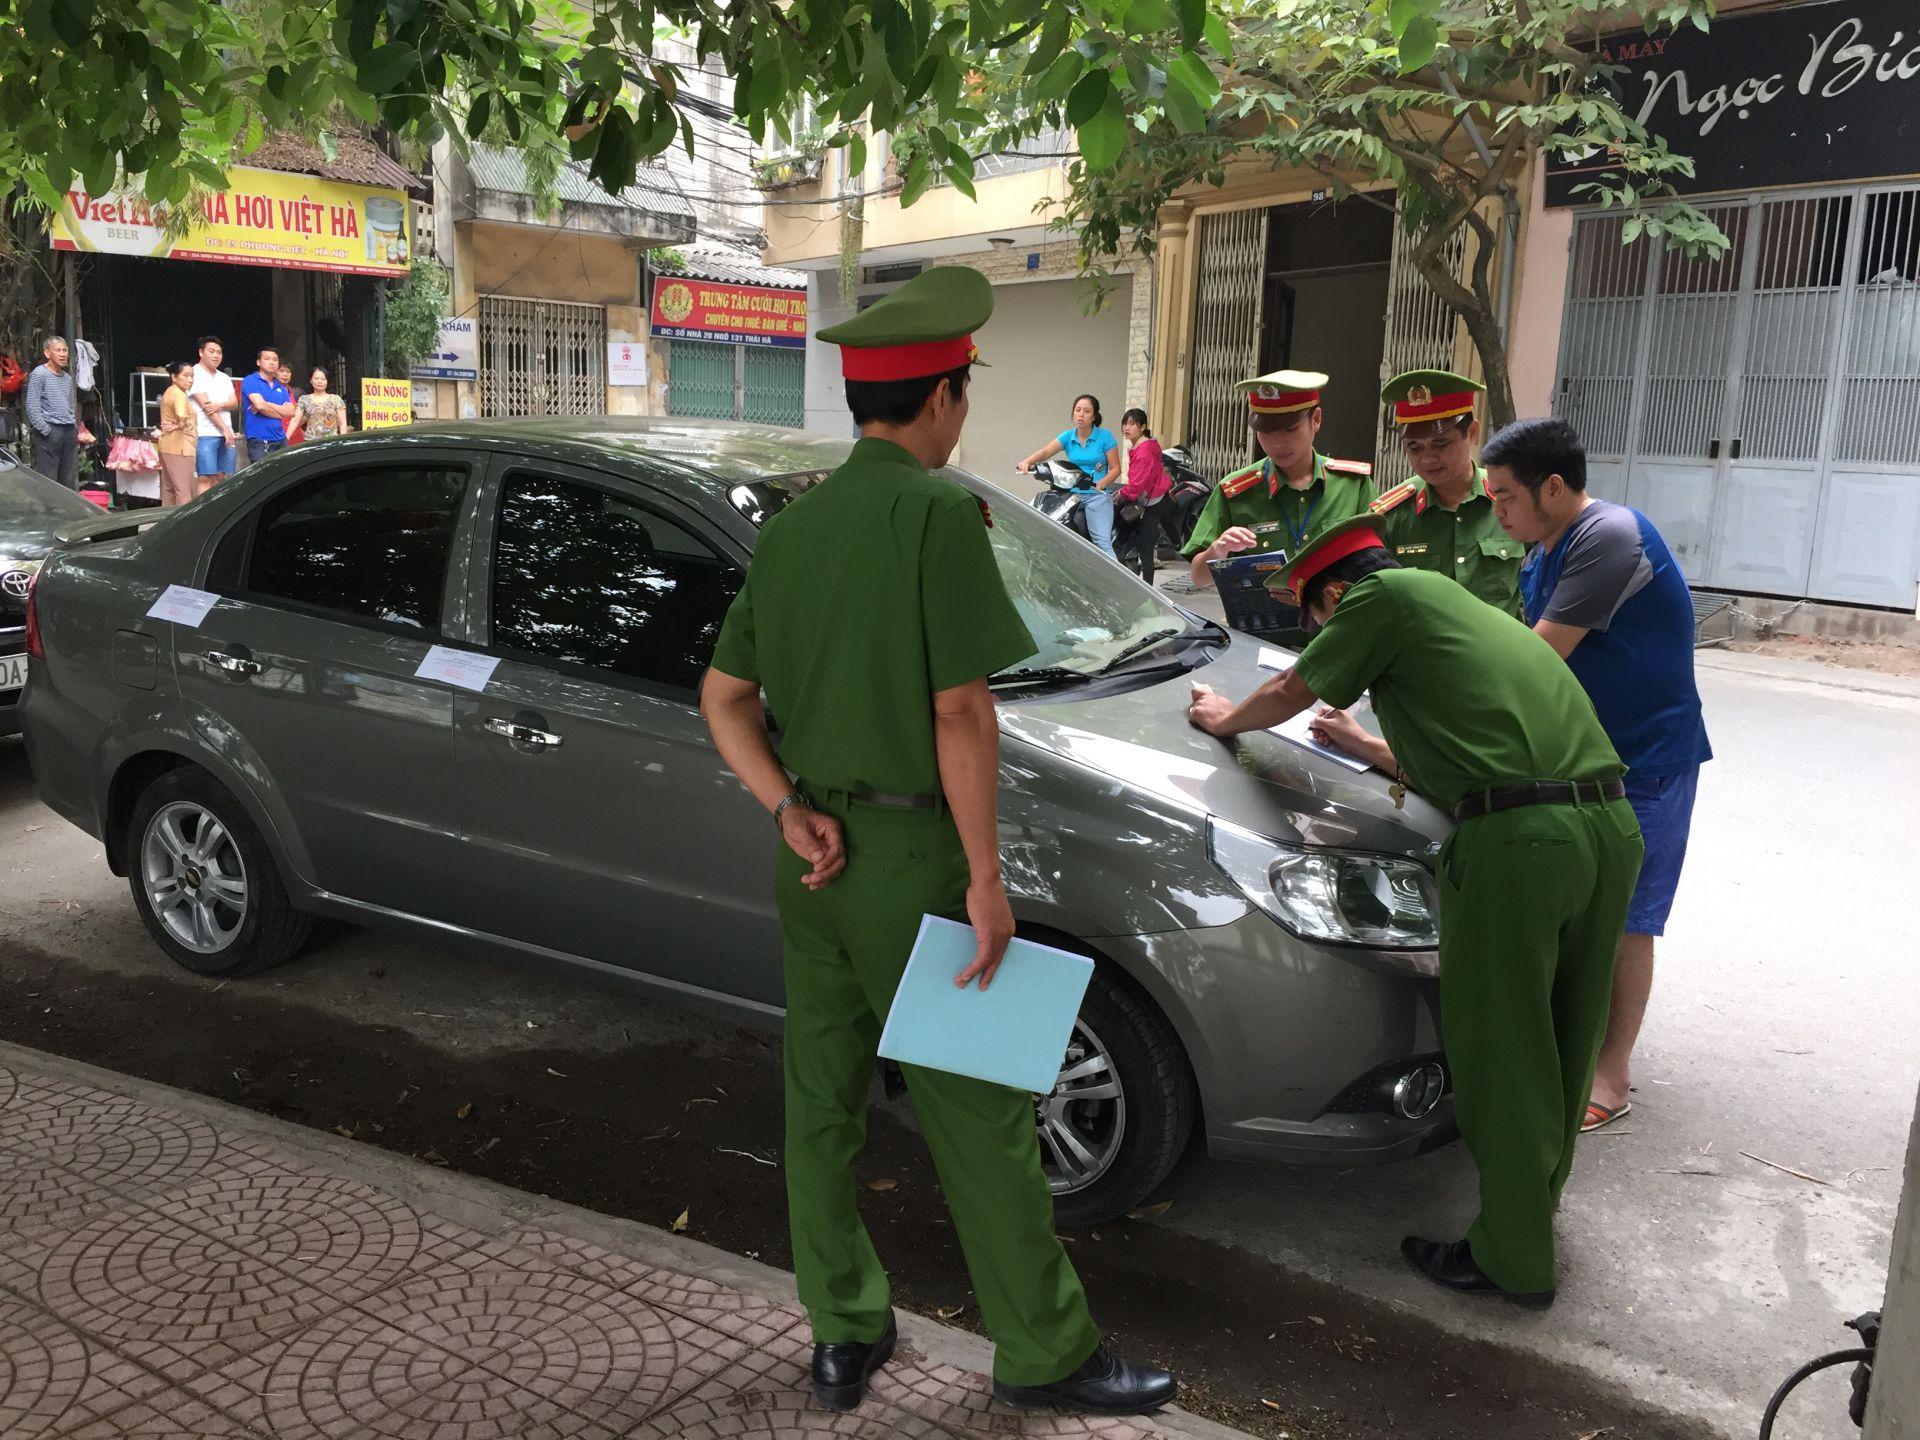 Lỗi ô tô dừng đỗ sai quy định phạt bao nhiêu? Quy định đúng về việc dừng đỗ xe